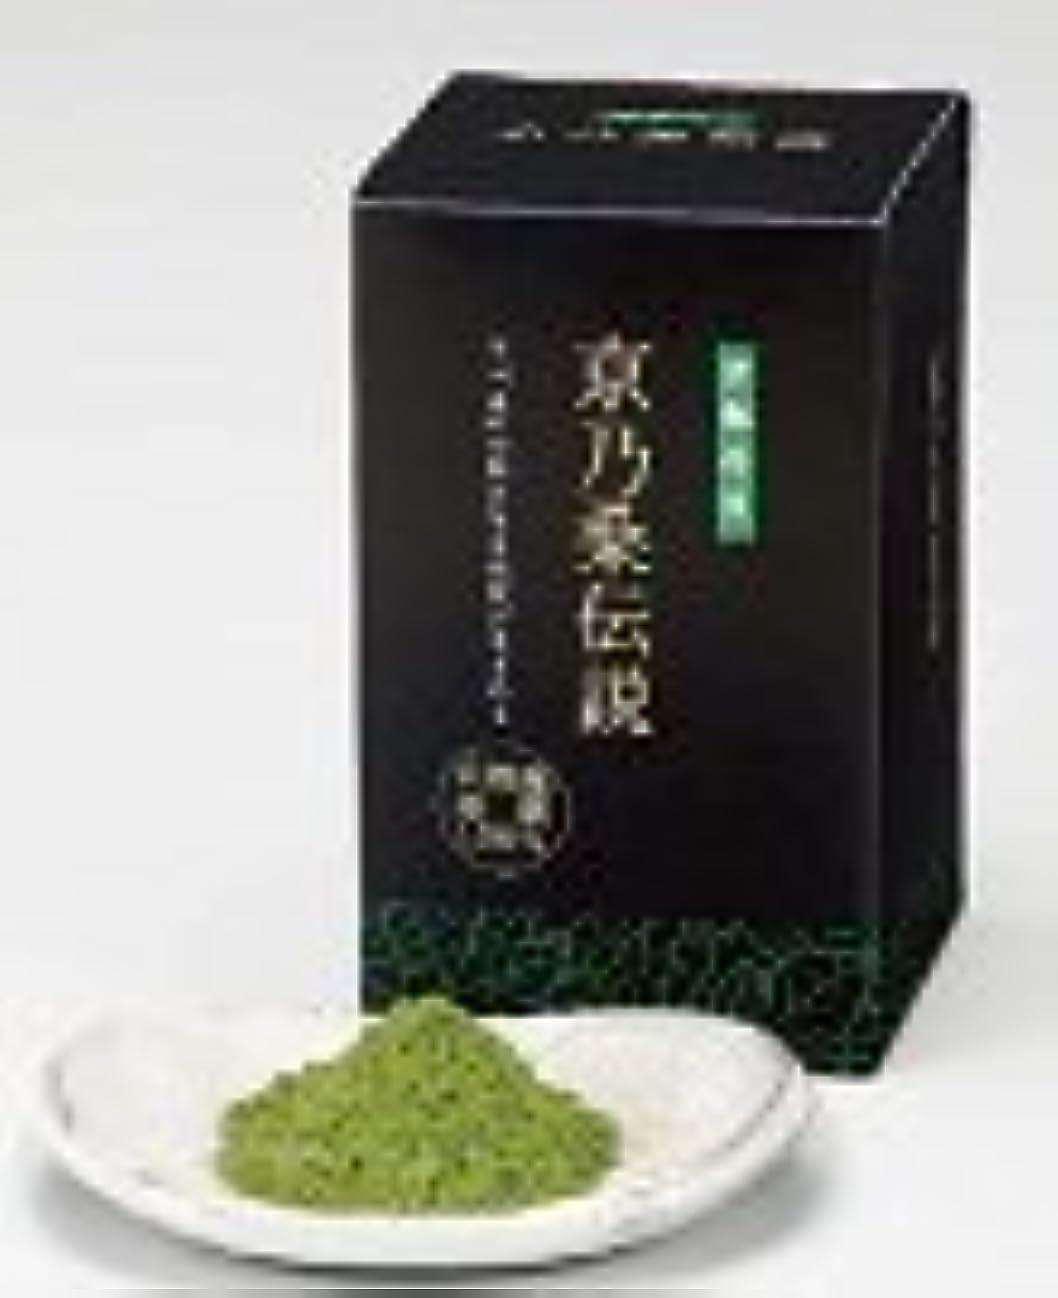 目的レザー選択する京乃桑伝説(桑の葉粉茶、青汁)お試し10袋入り